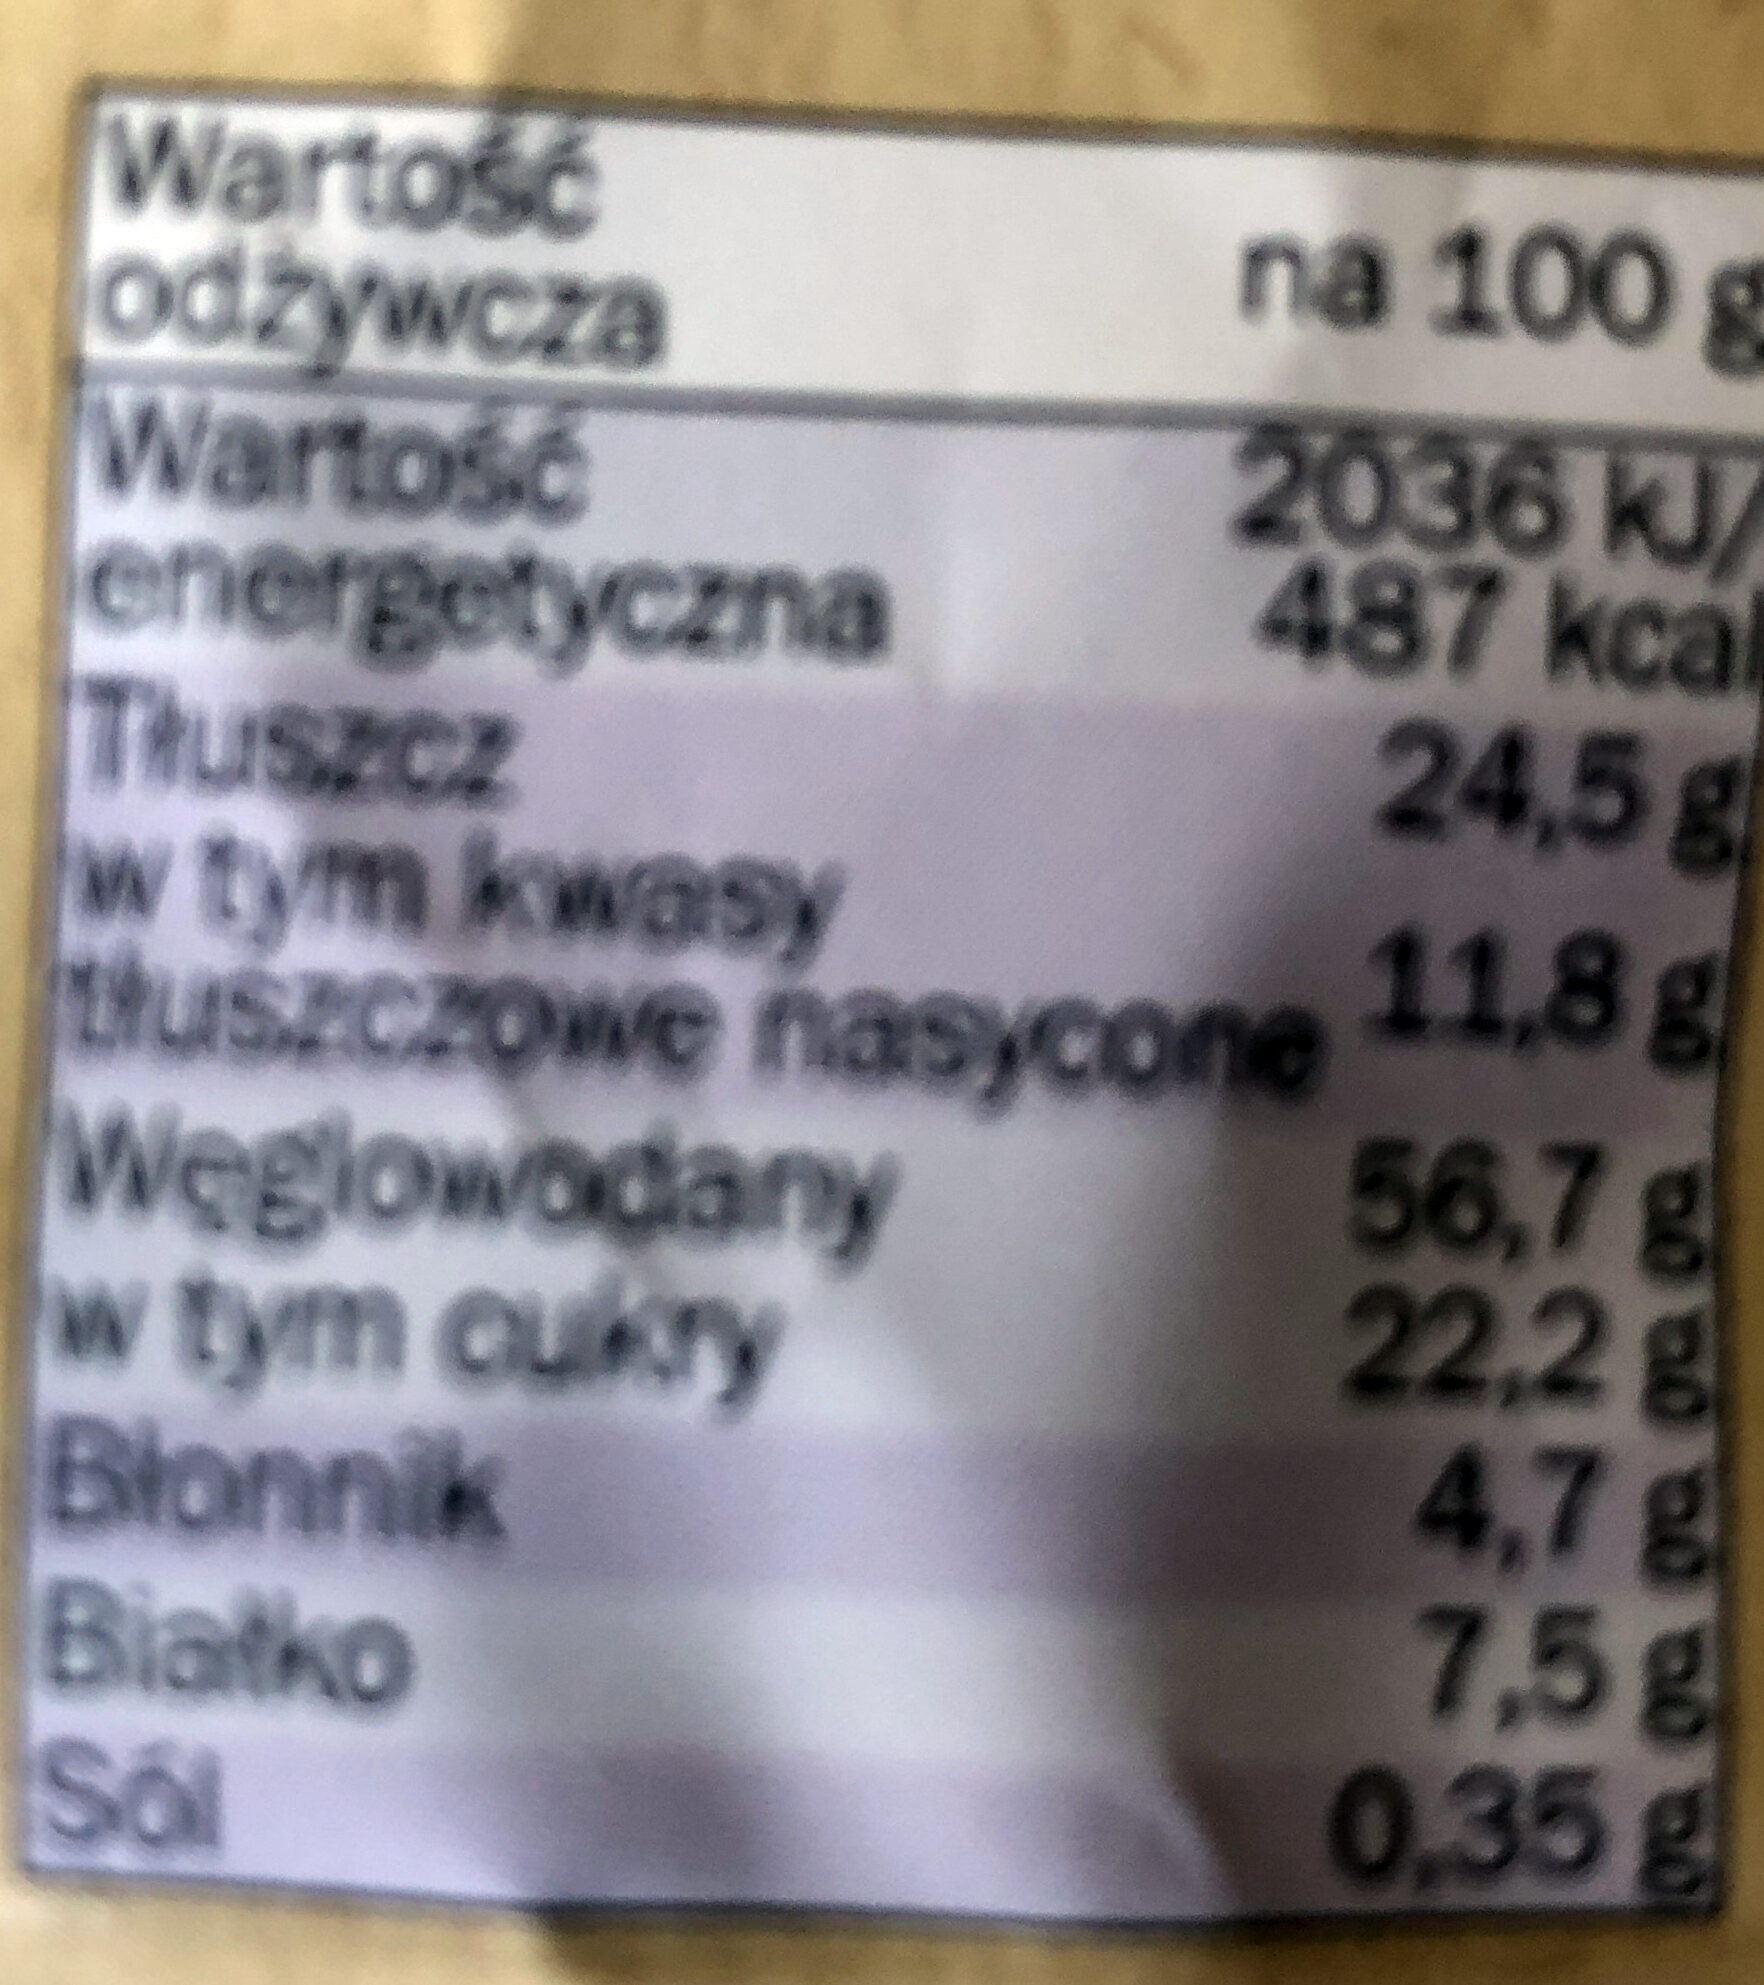 Ciasteczka jaglano-gryczane - Wartości odżywcze - pl